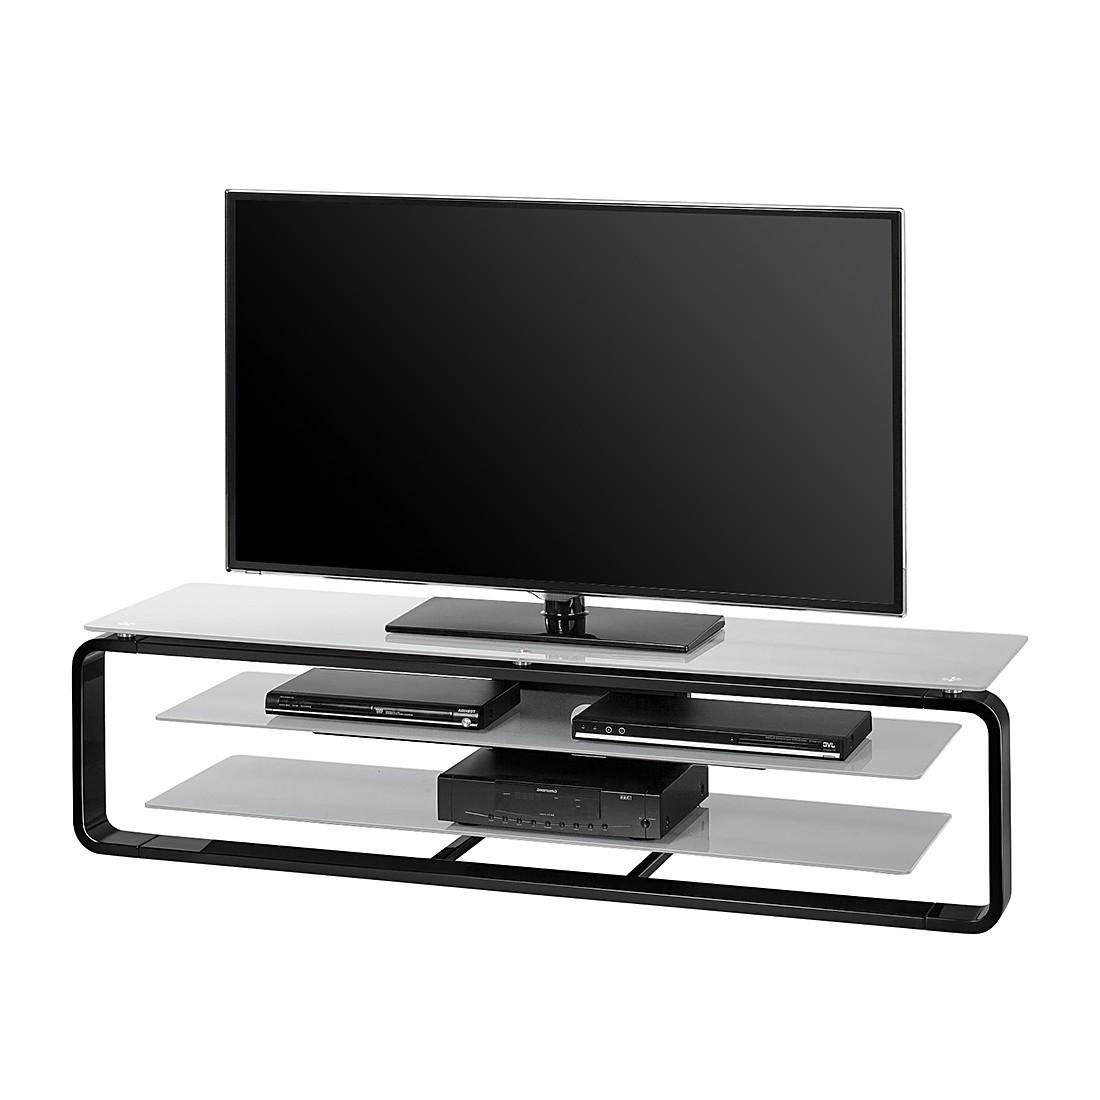 rack tv halterung glas preisvergleich die besten. Black Bedroom Furniture Sets. Home Design Ideas